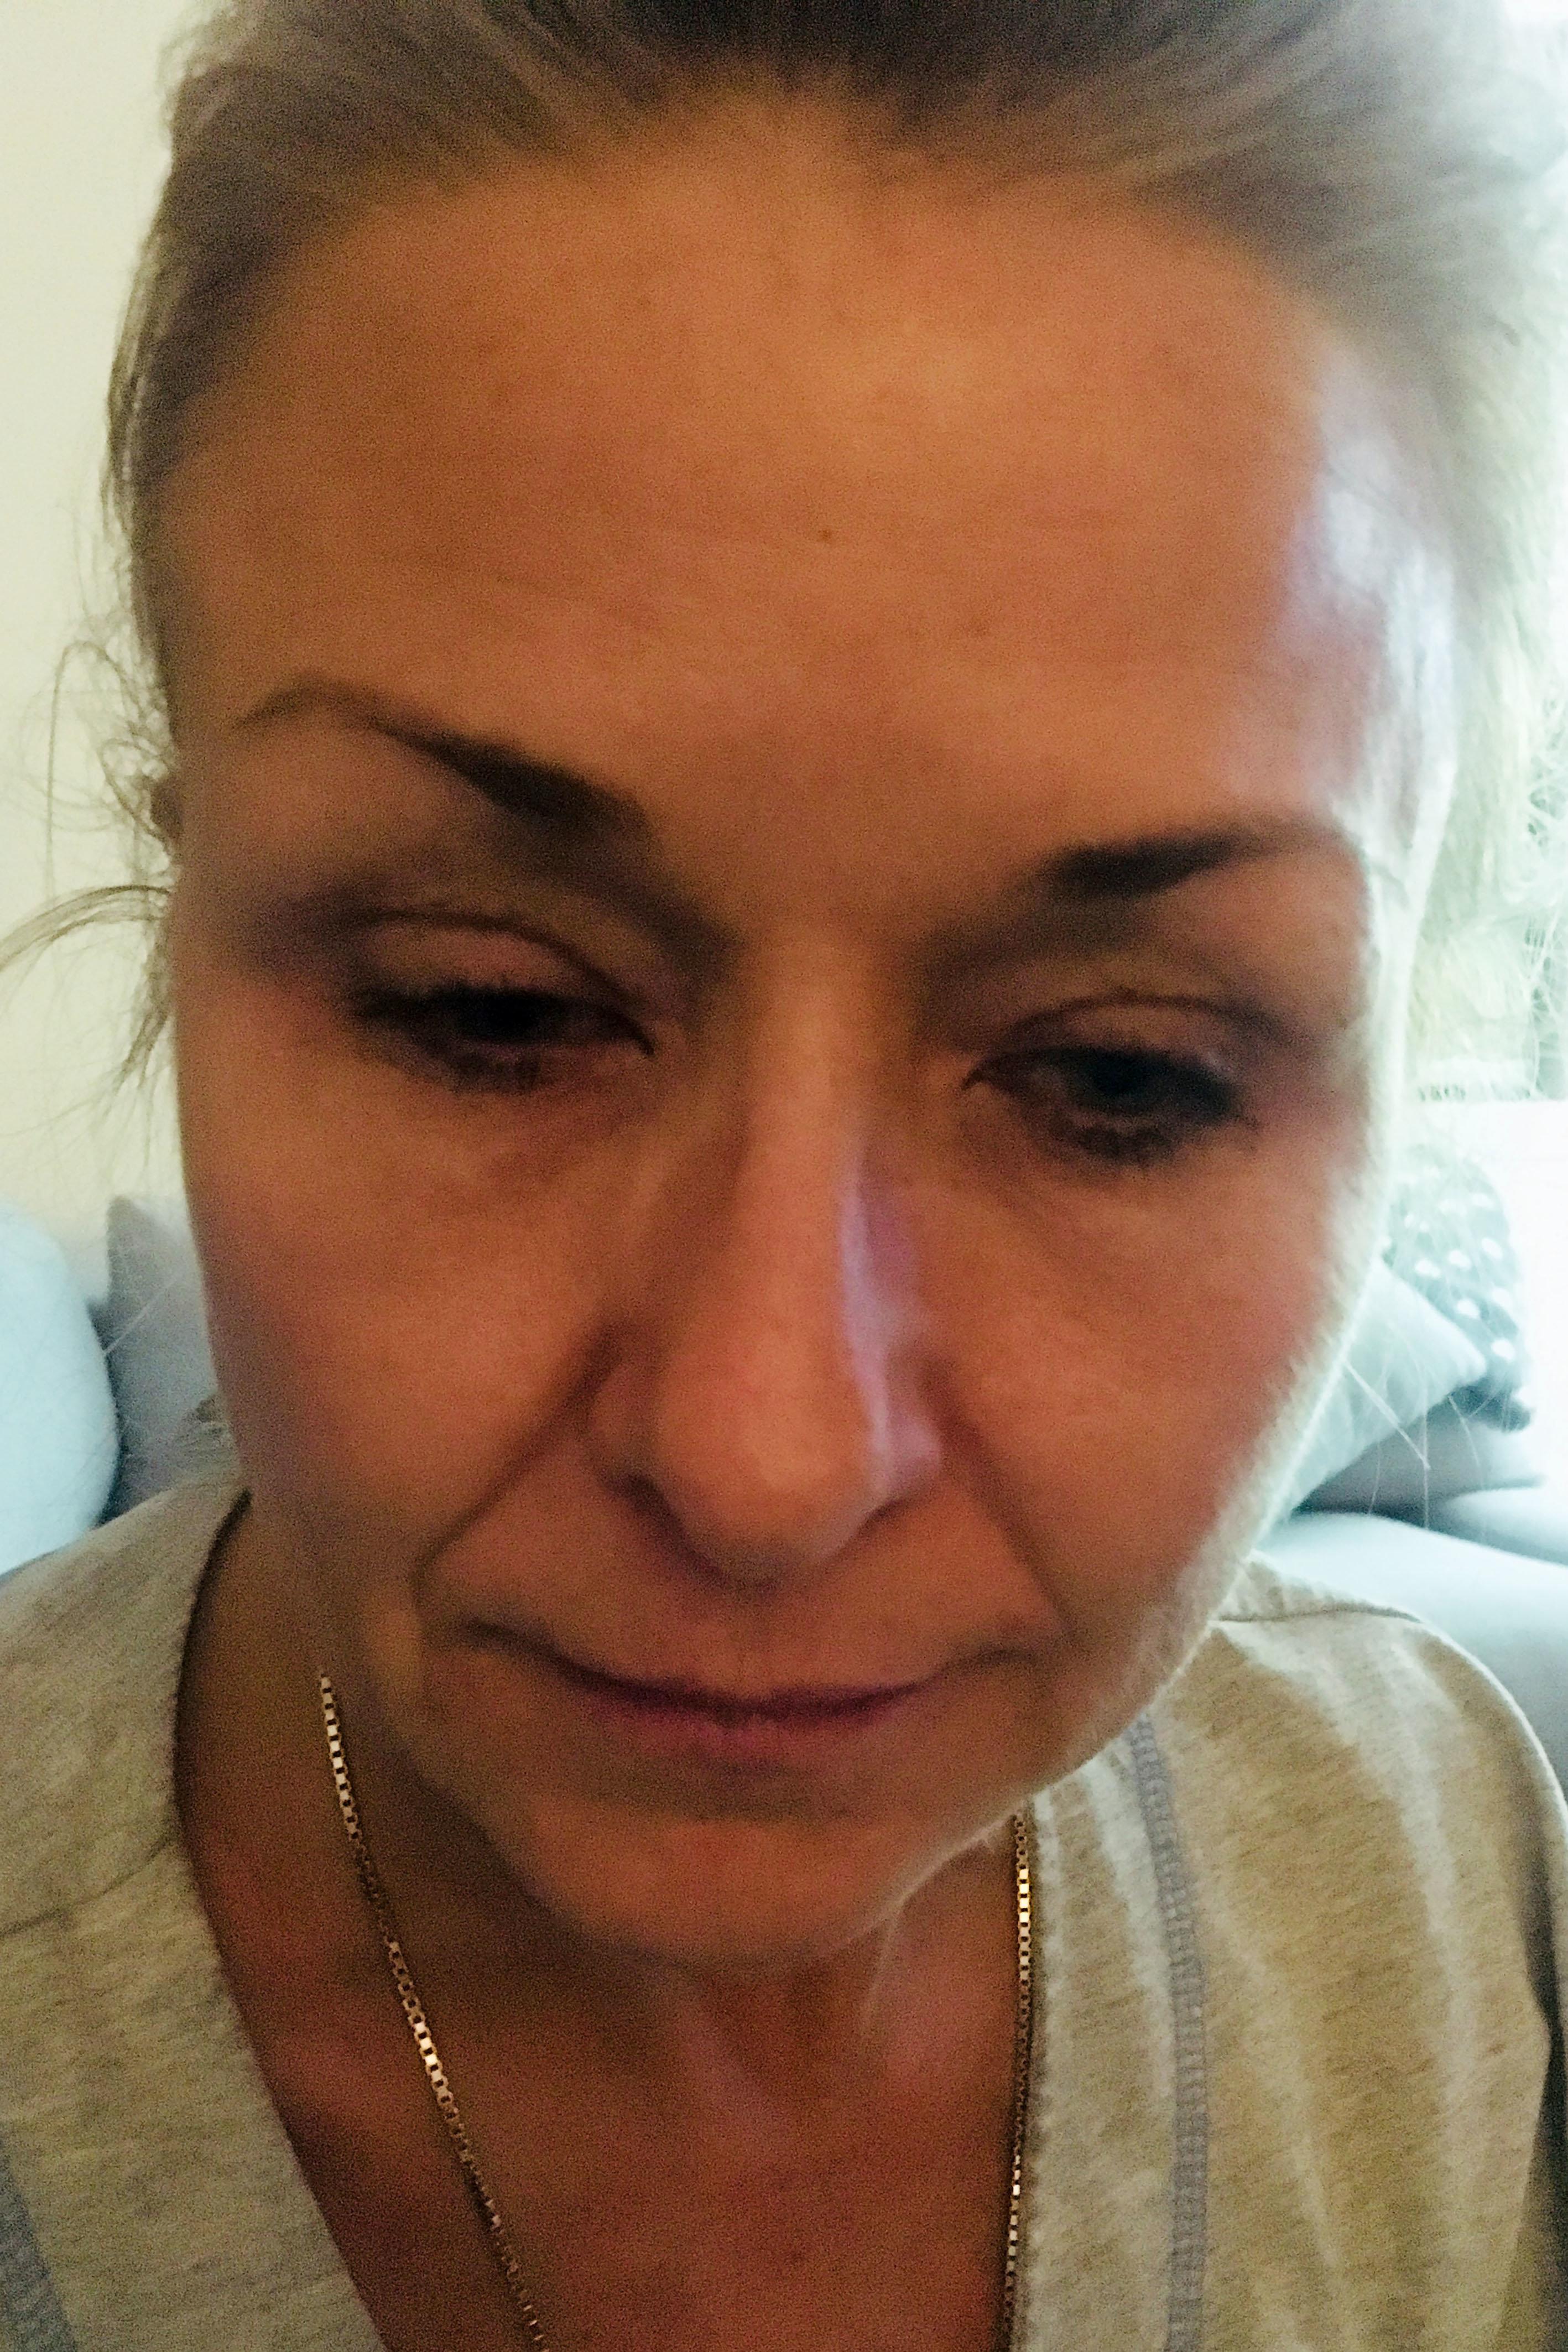 Frau schminkt sich 25 Jahre lang nicht ab – der Arzt erschrickt, als er ihr Auge sieht